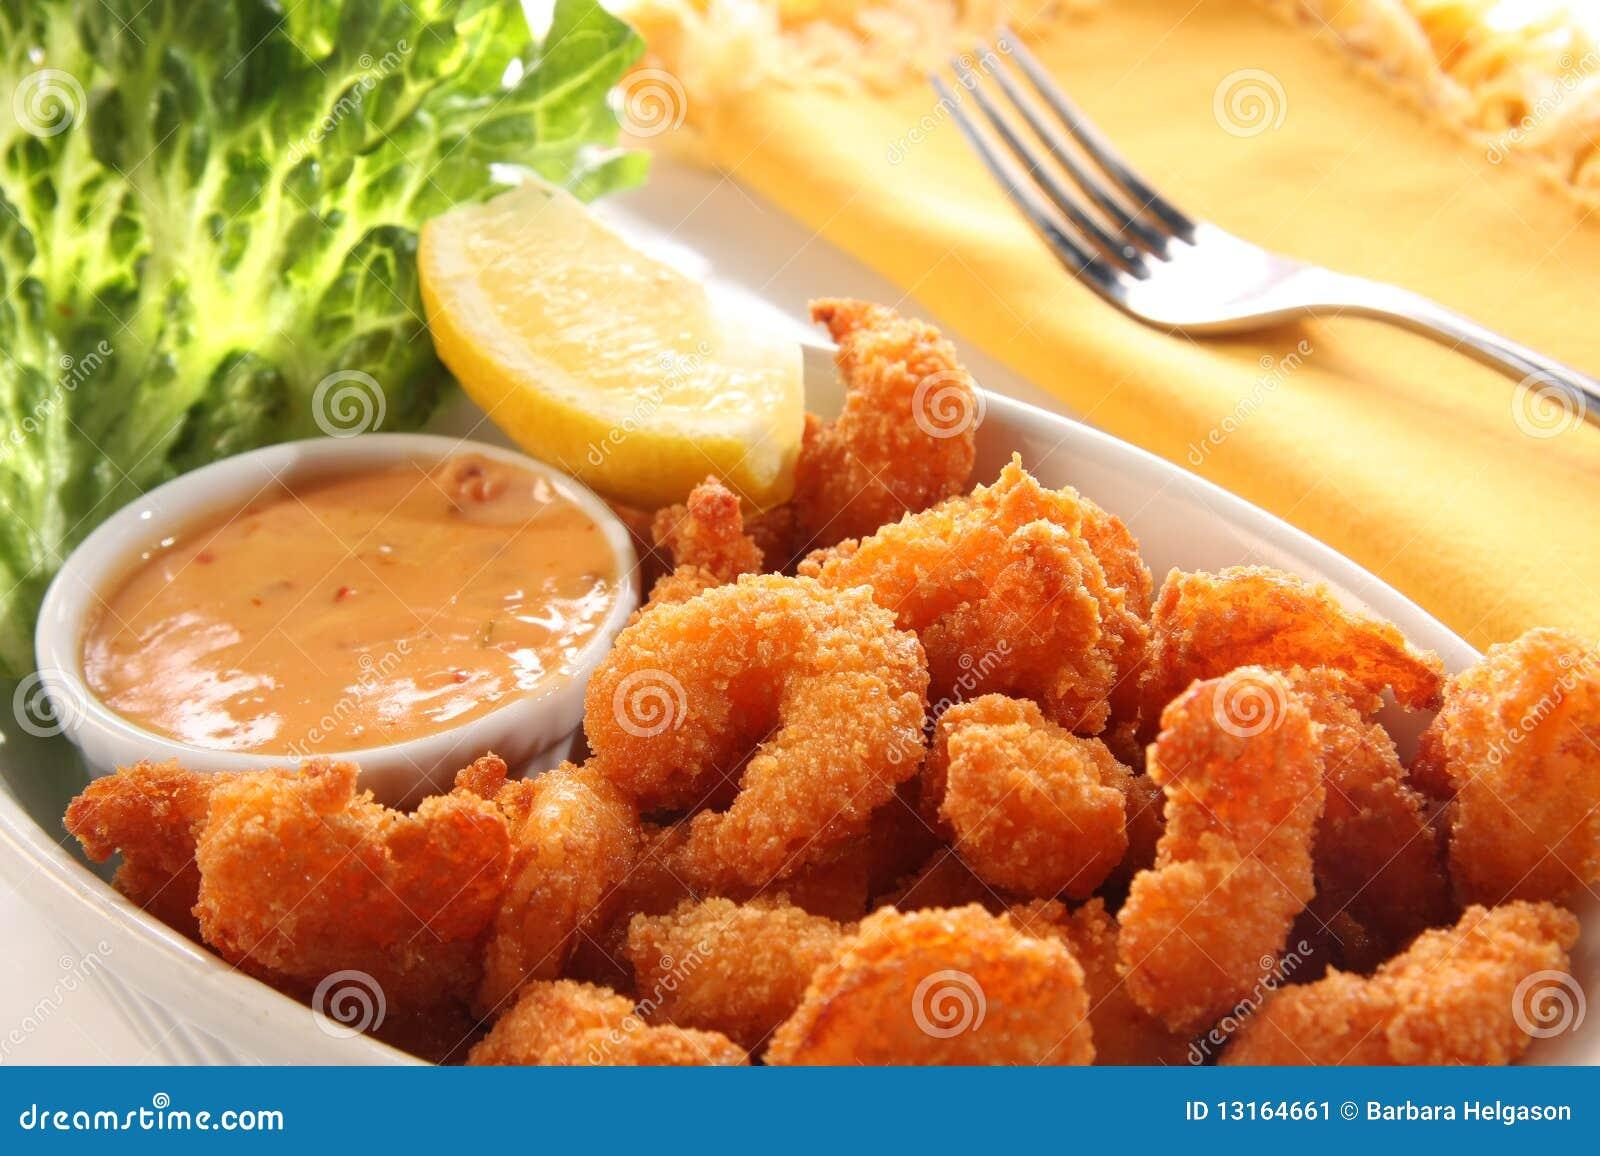 Shrimp meal.